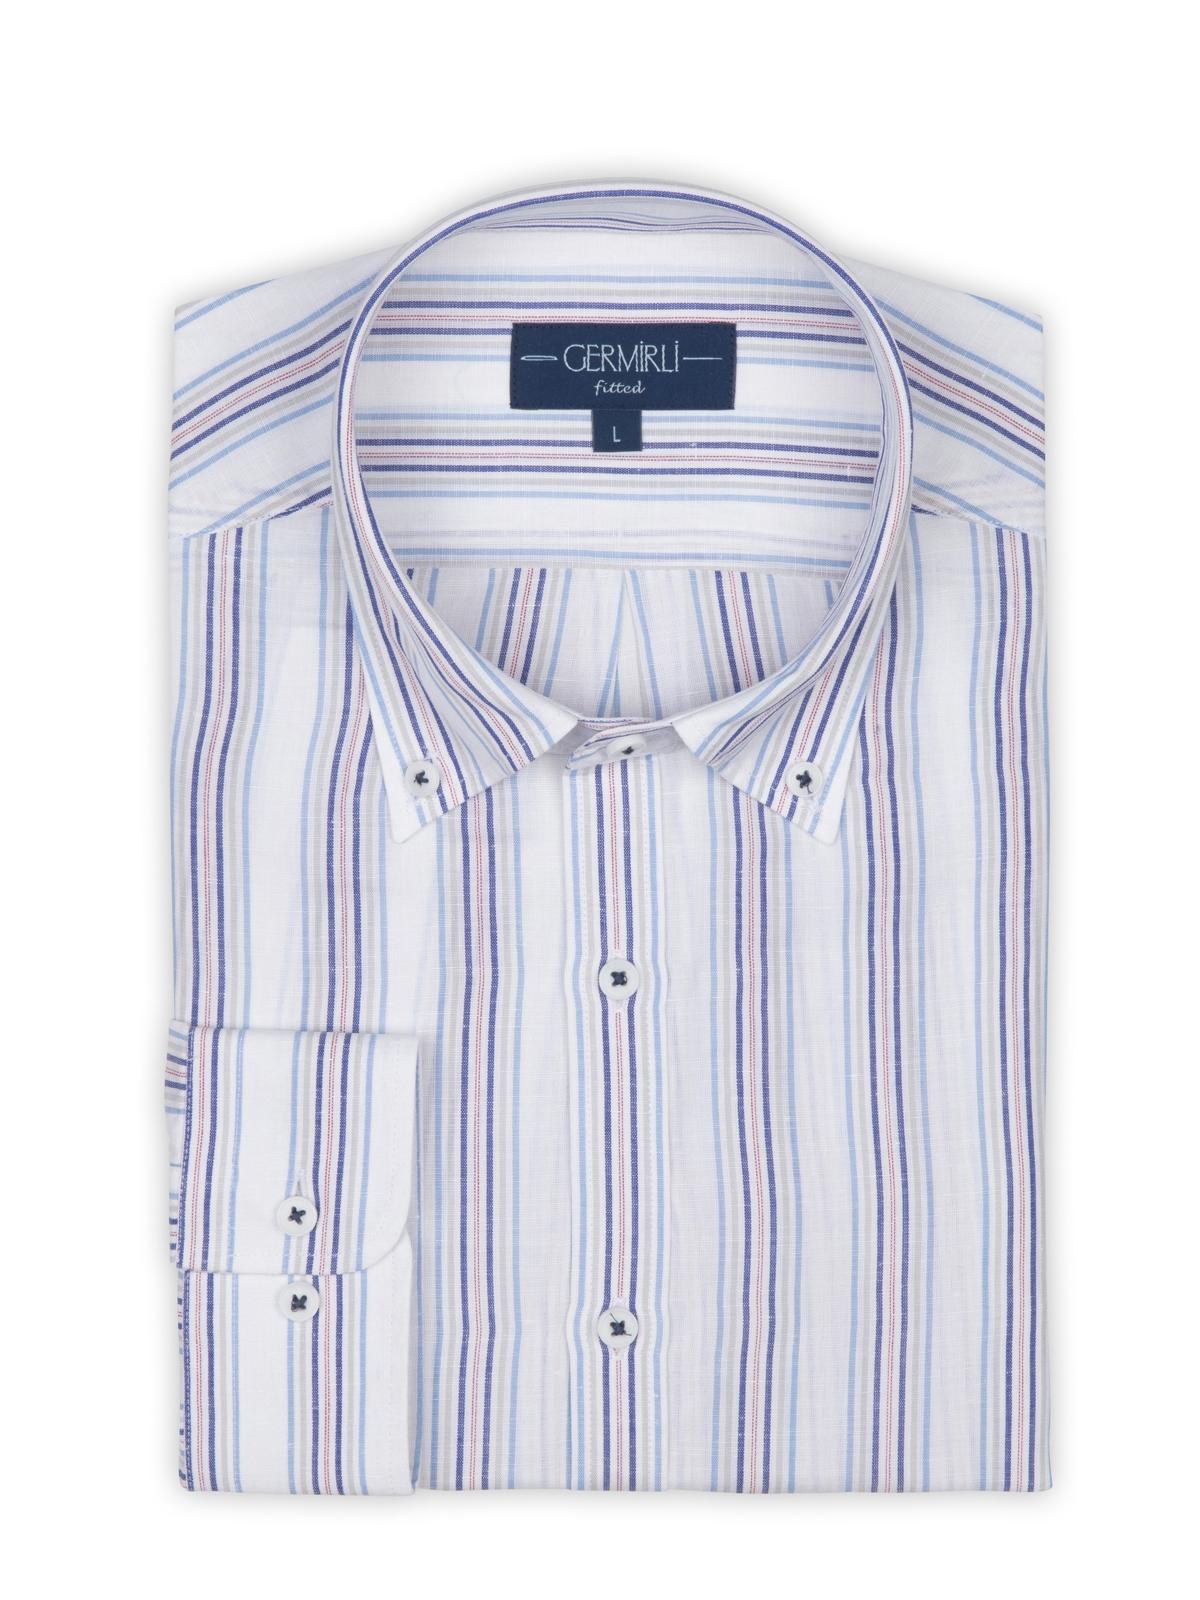 Germirli Laci Mavi Gri Beyaz Çizgili Düğmeli Yaka Tailor Fit Gömlek